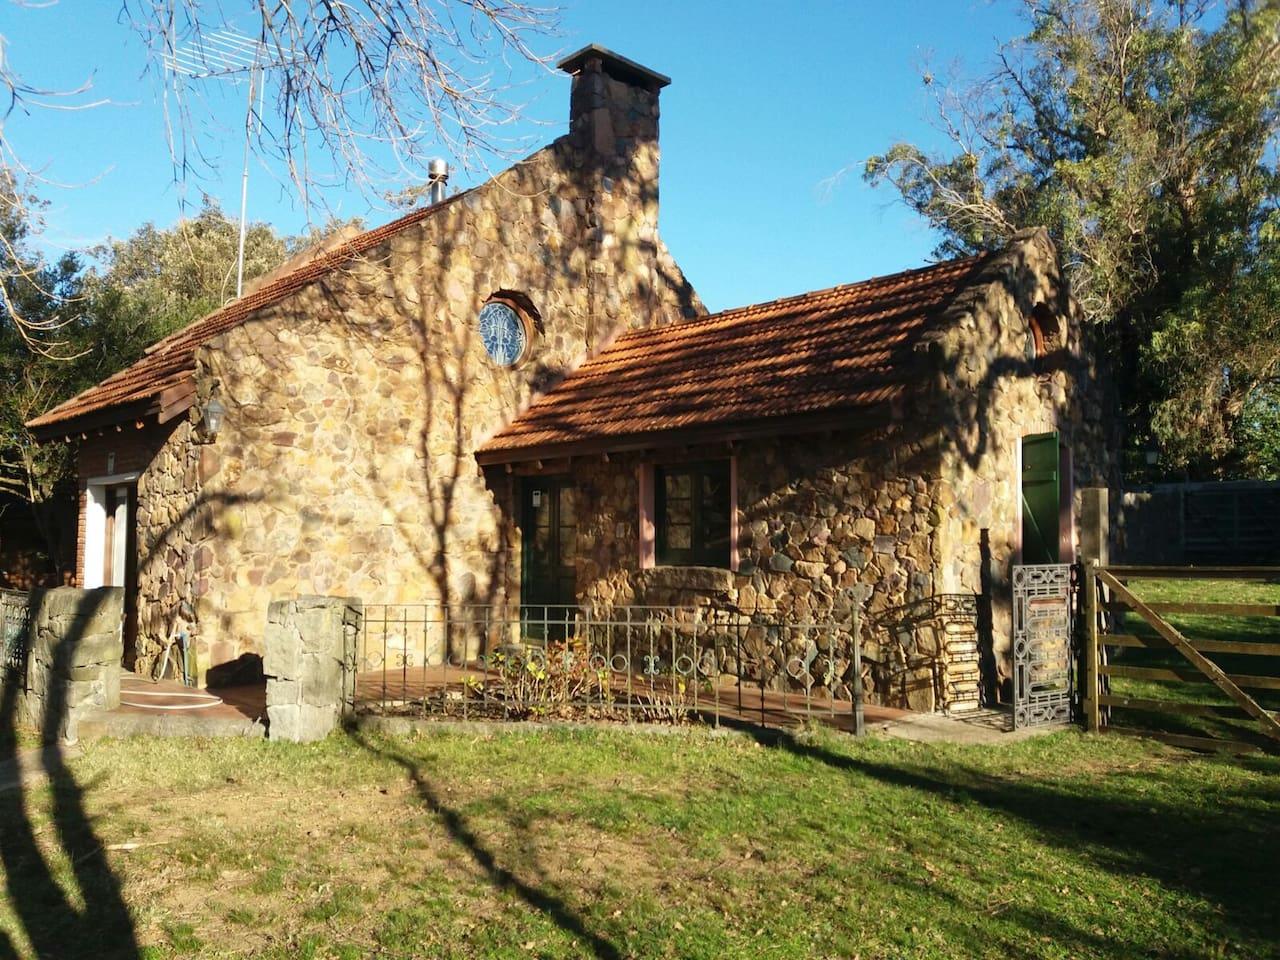 La casa, hecha con piedras del lugar.